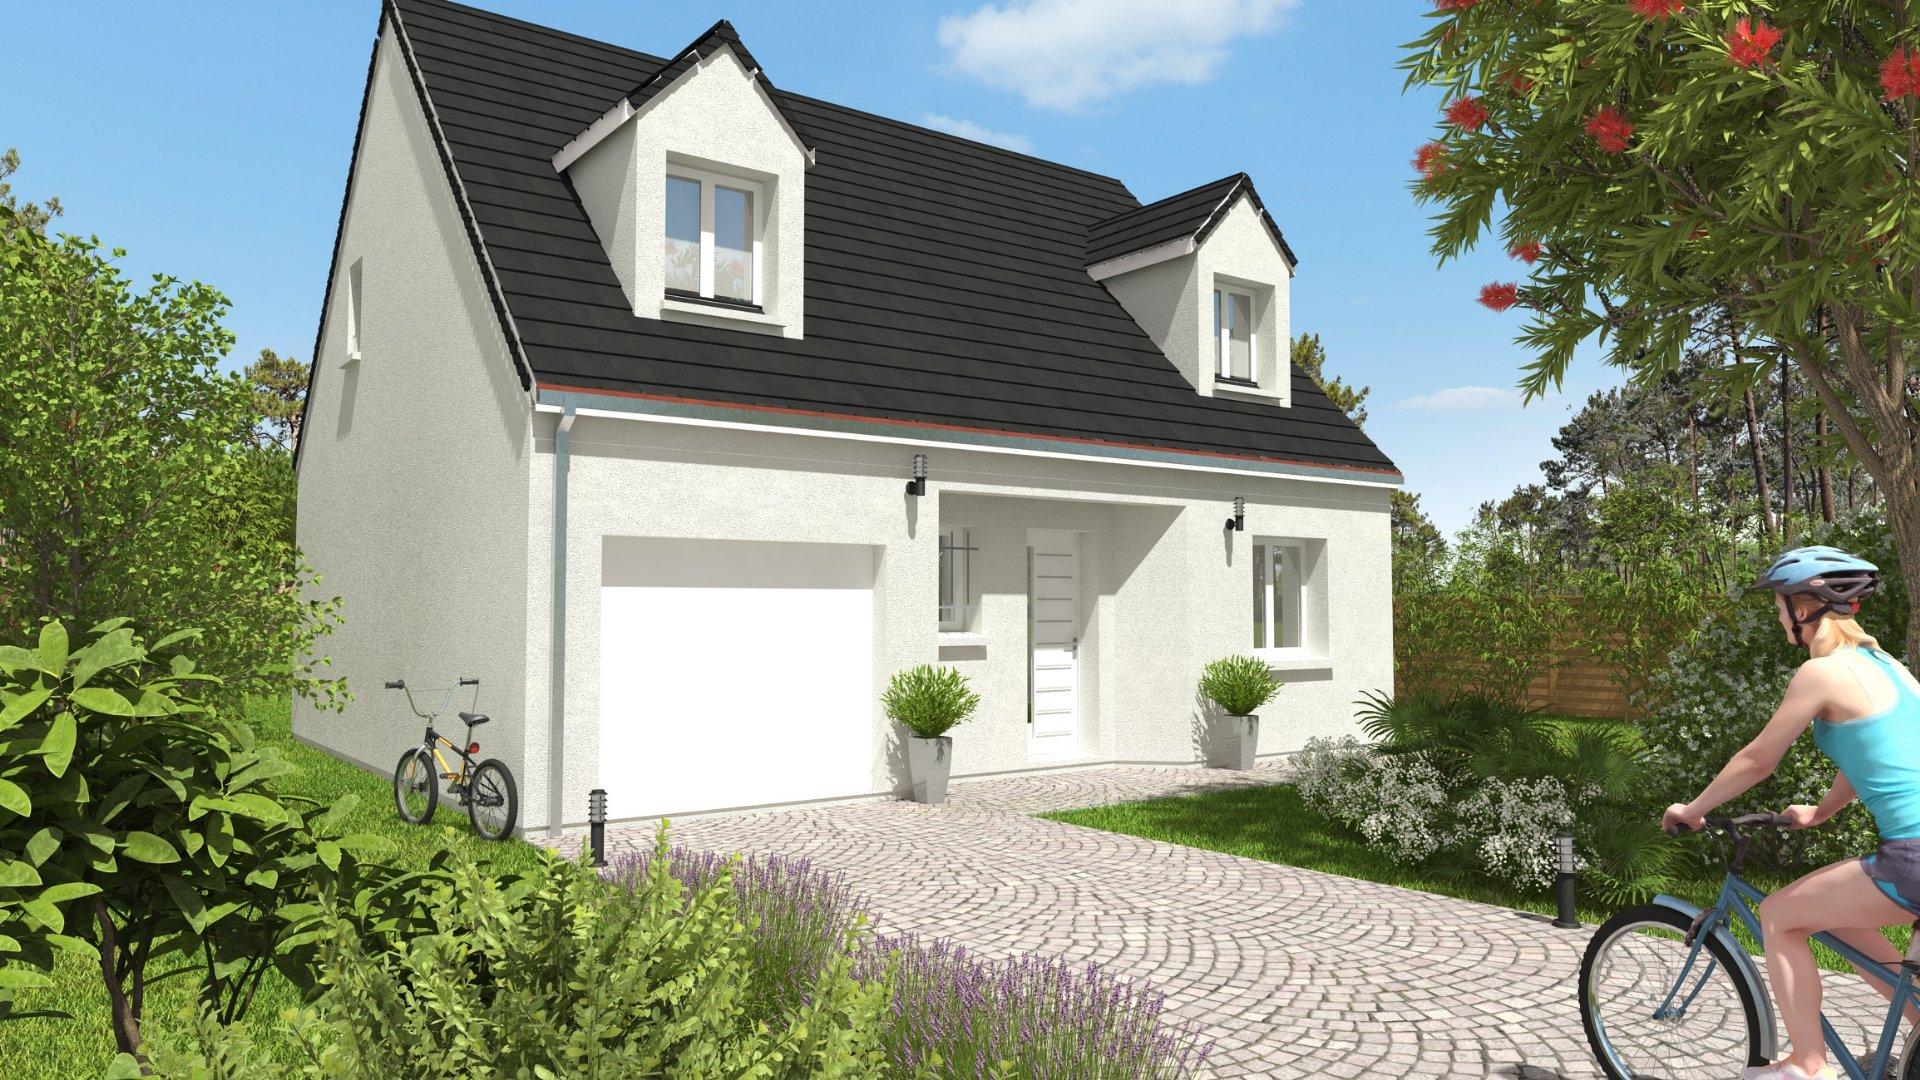 Maisons du constructeur CONSTRUCTIONS PERSONNALISEES ET RENOVATION REGION CENTRE • 91 m² • ROUZIERS DE TOURAINE